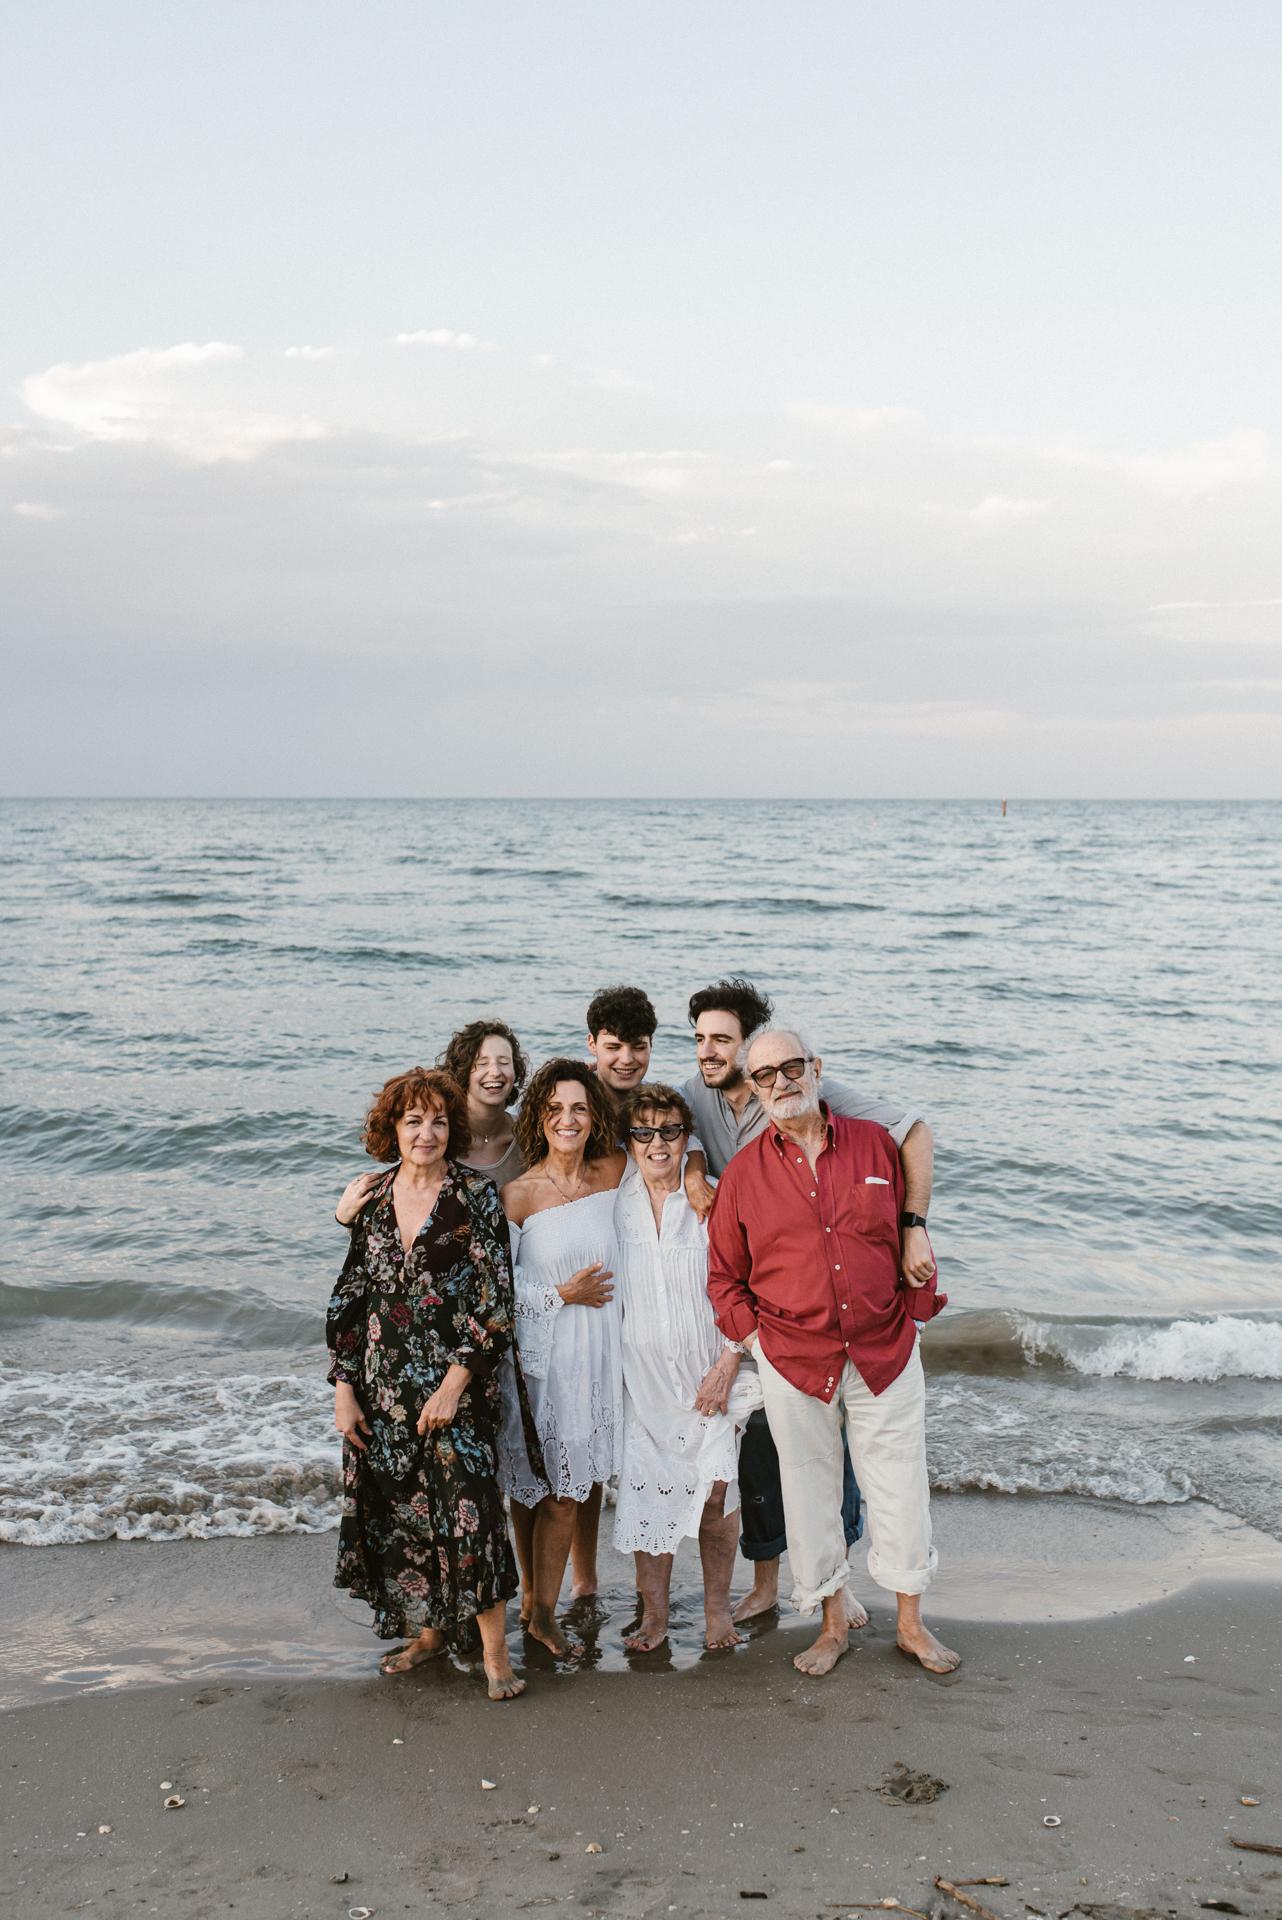 fotografa-famiglia-mare-21